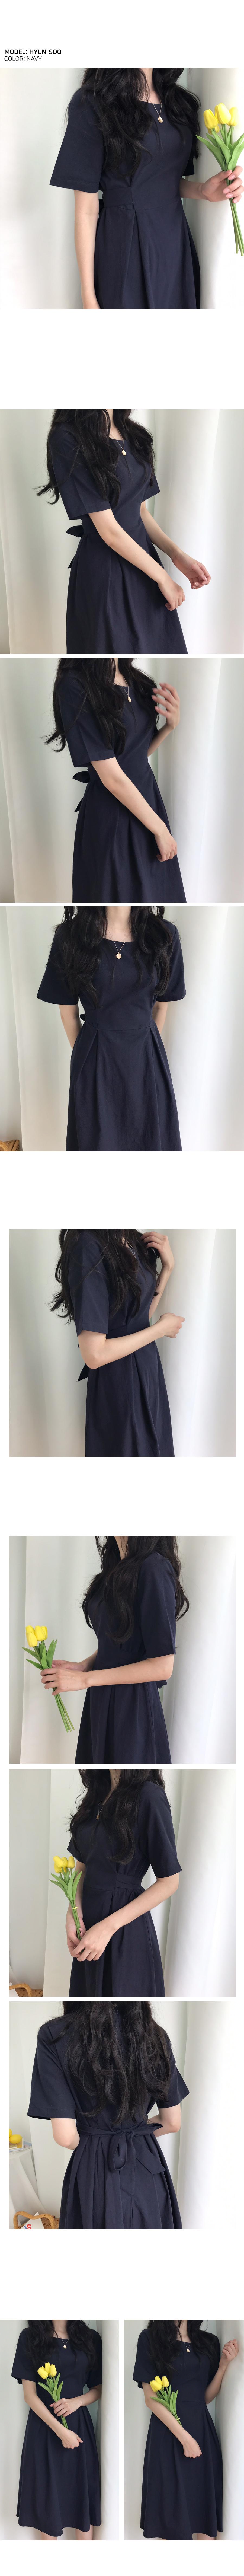 Loven linen long dress